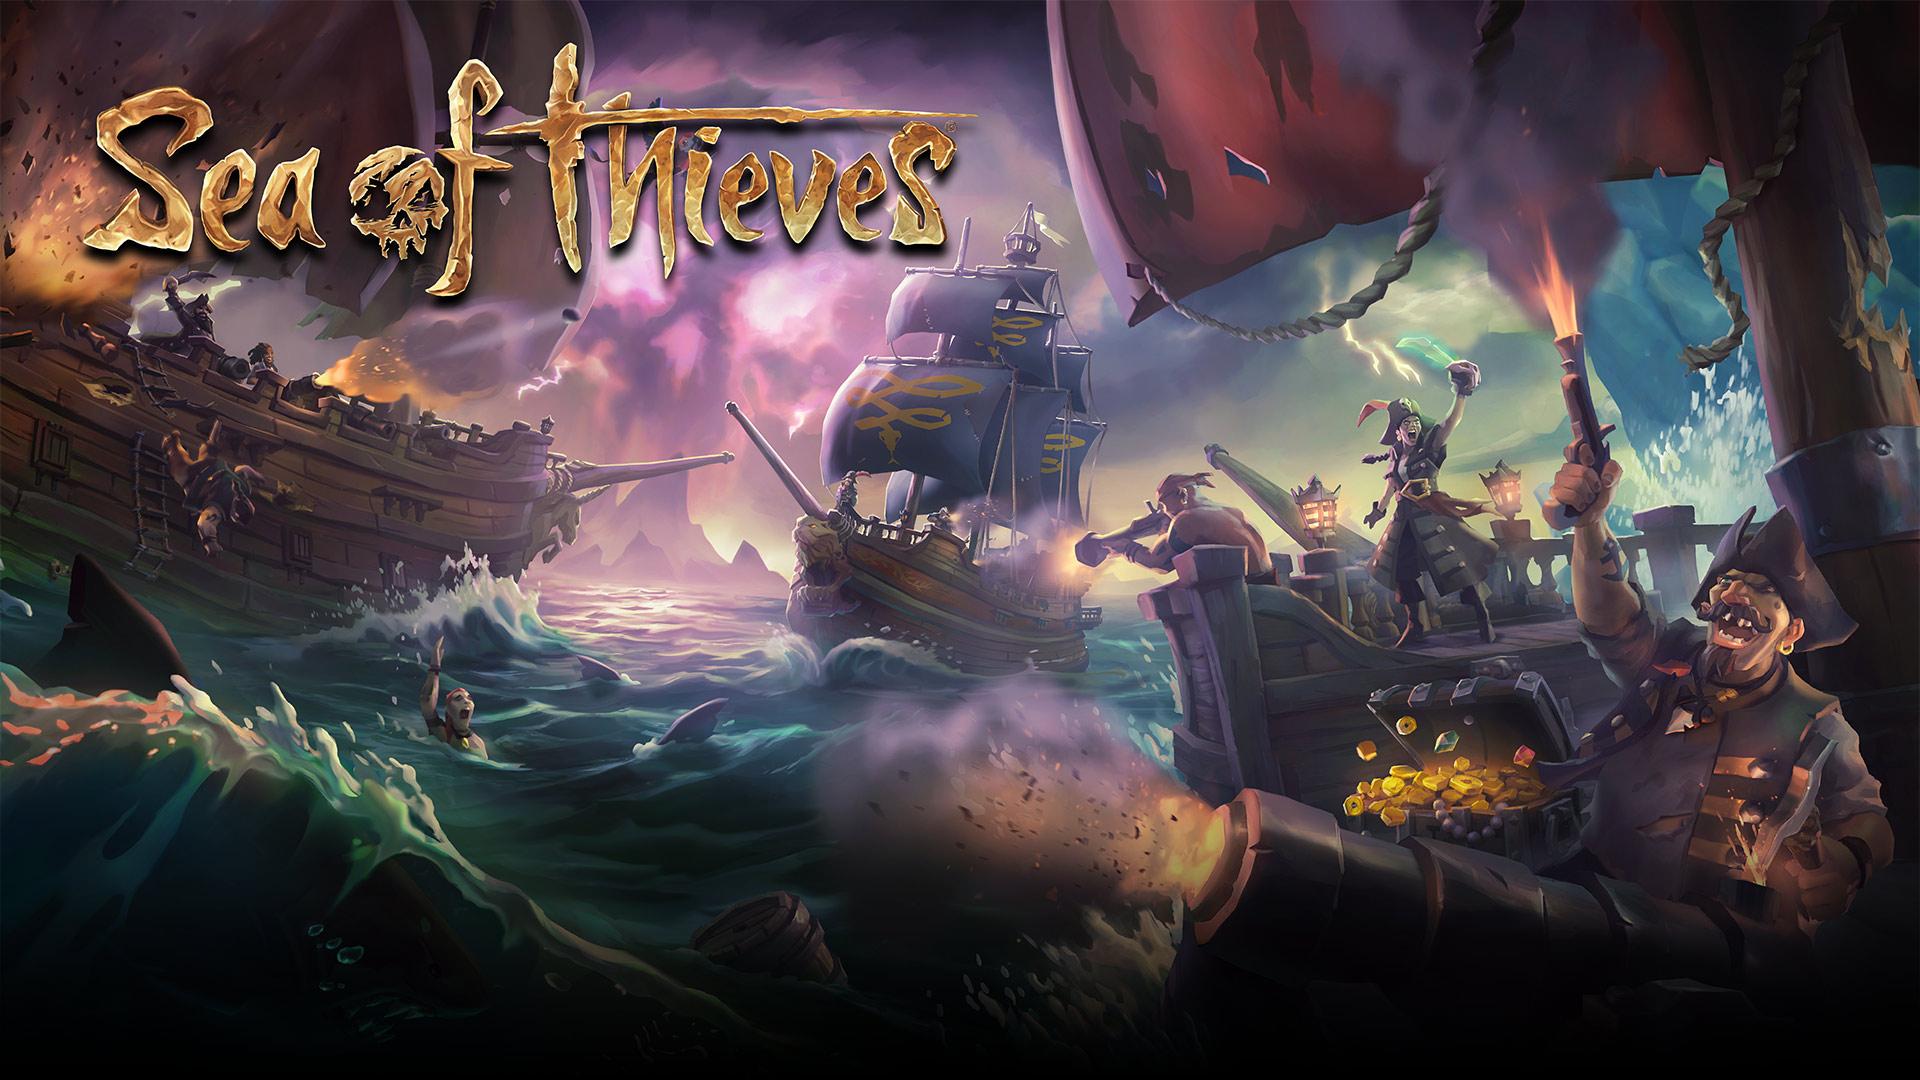 Date de sortie, précommandes, bonus et manette limitée annoncées — Sea of Thieves